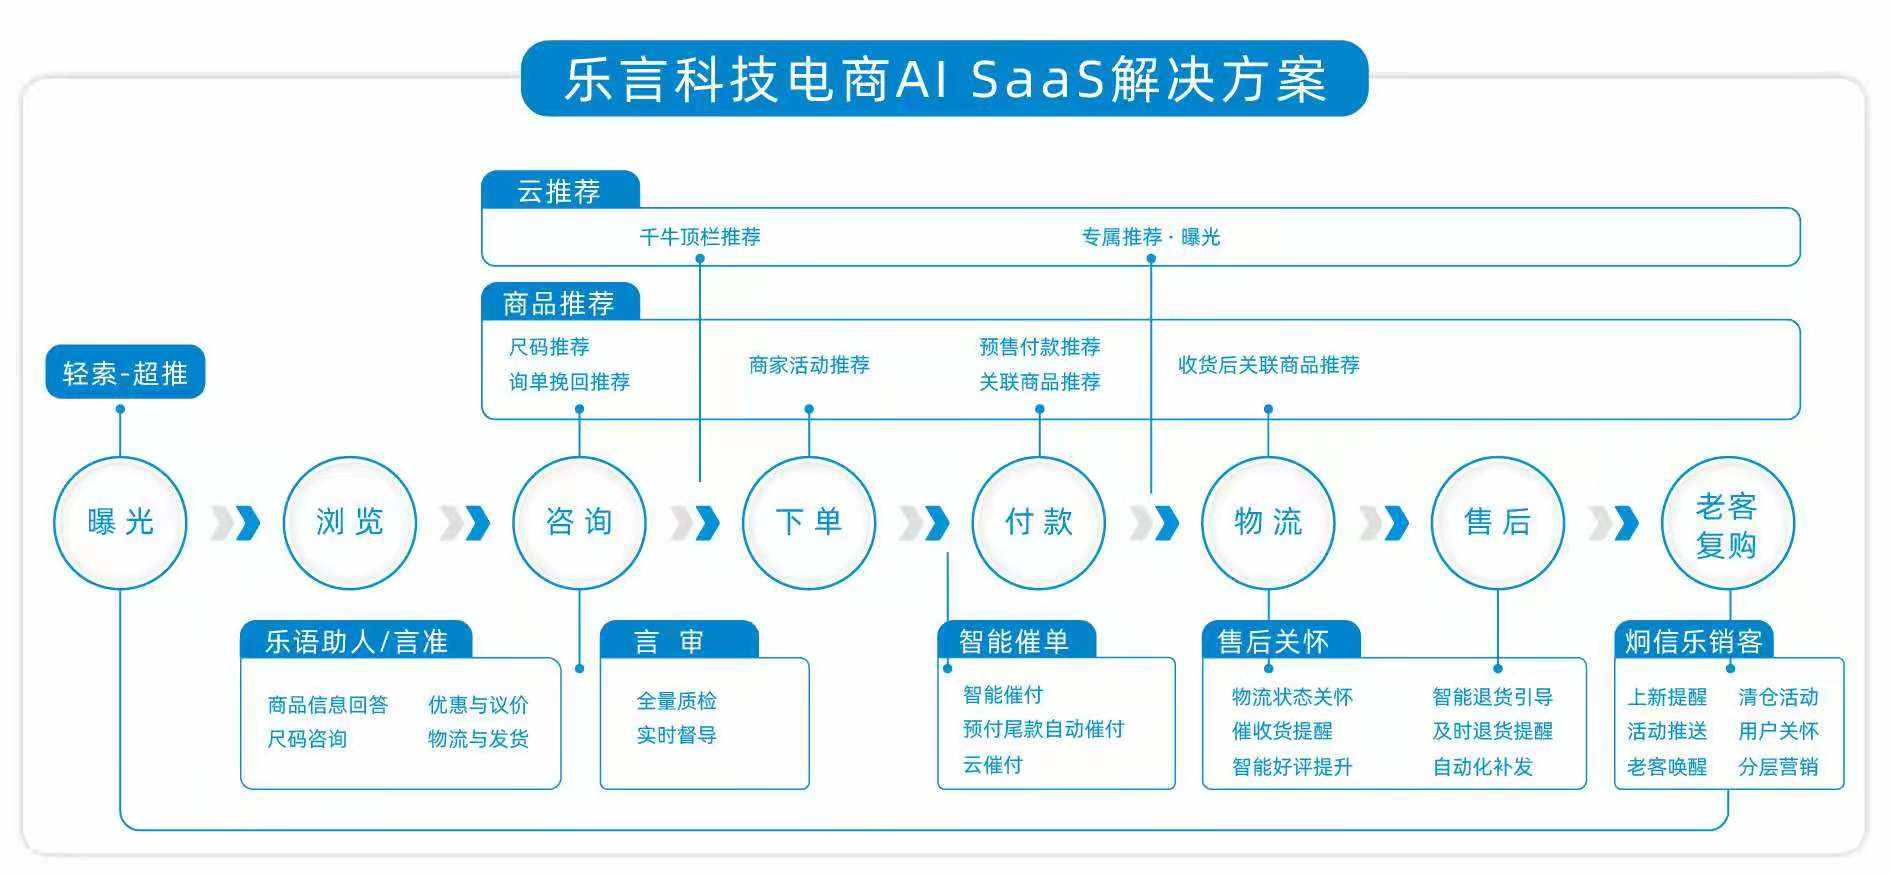 36氪首发|AI SaaS 服务商乐言科技完成数亿元D轮融资,中金资本、上海人工智能产业投资基金领投